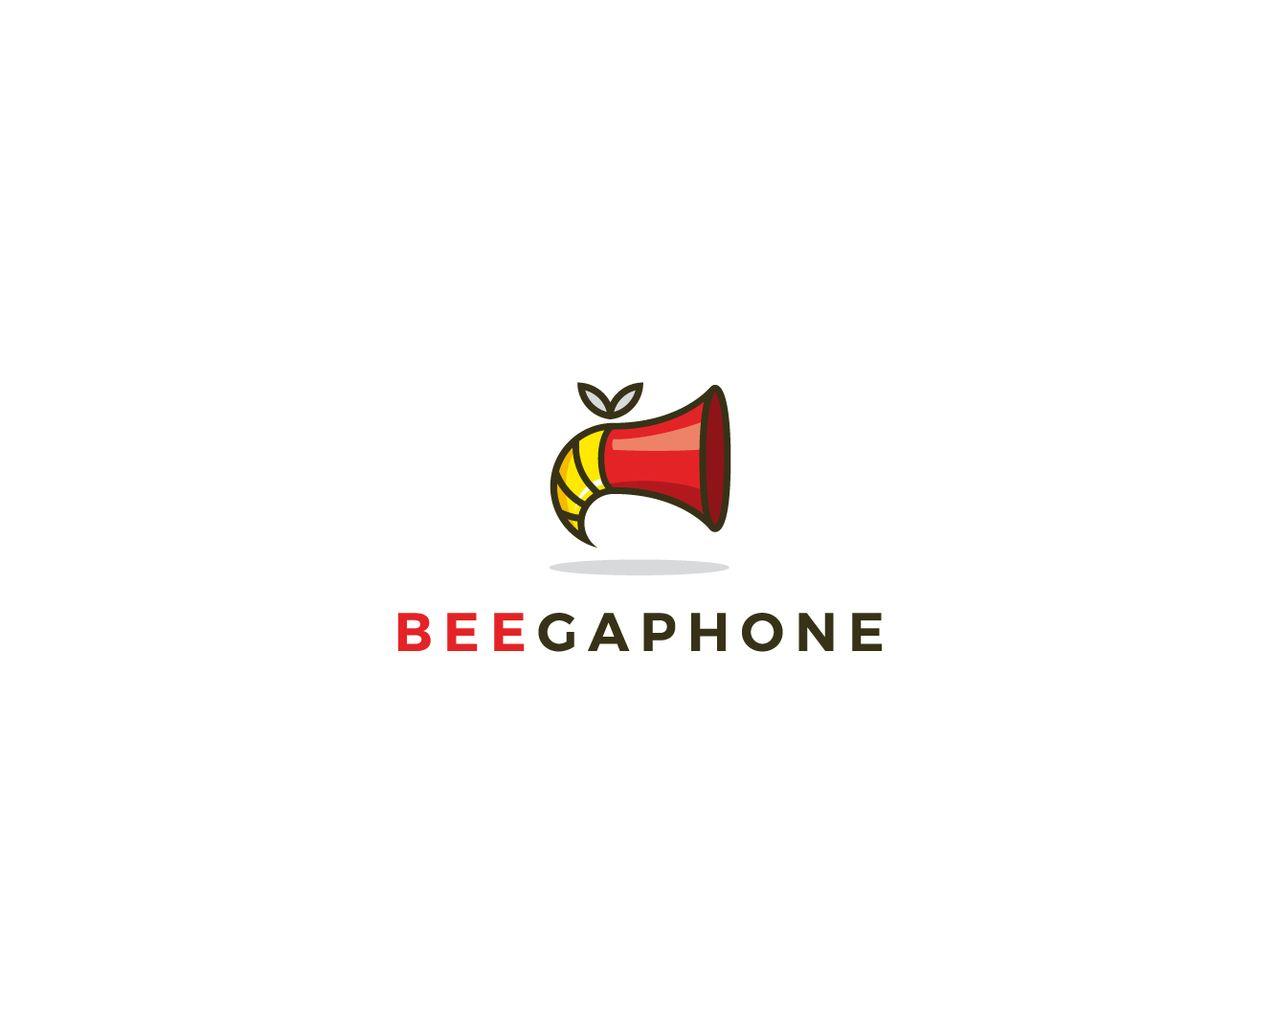 BeeGaphone